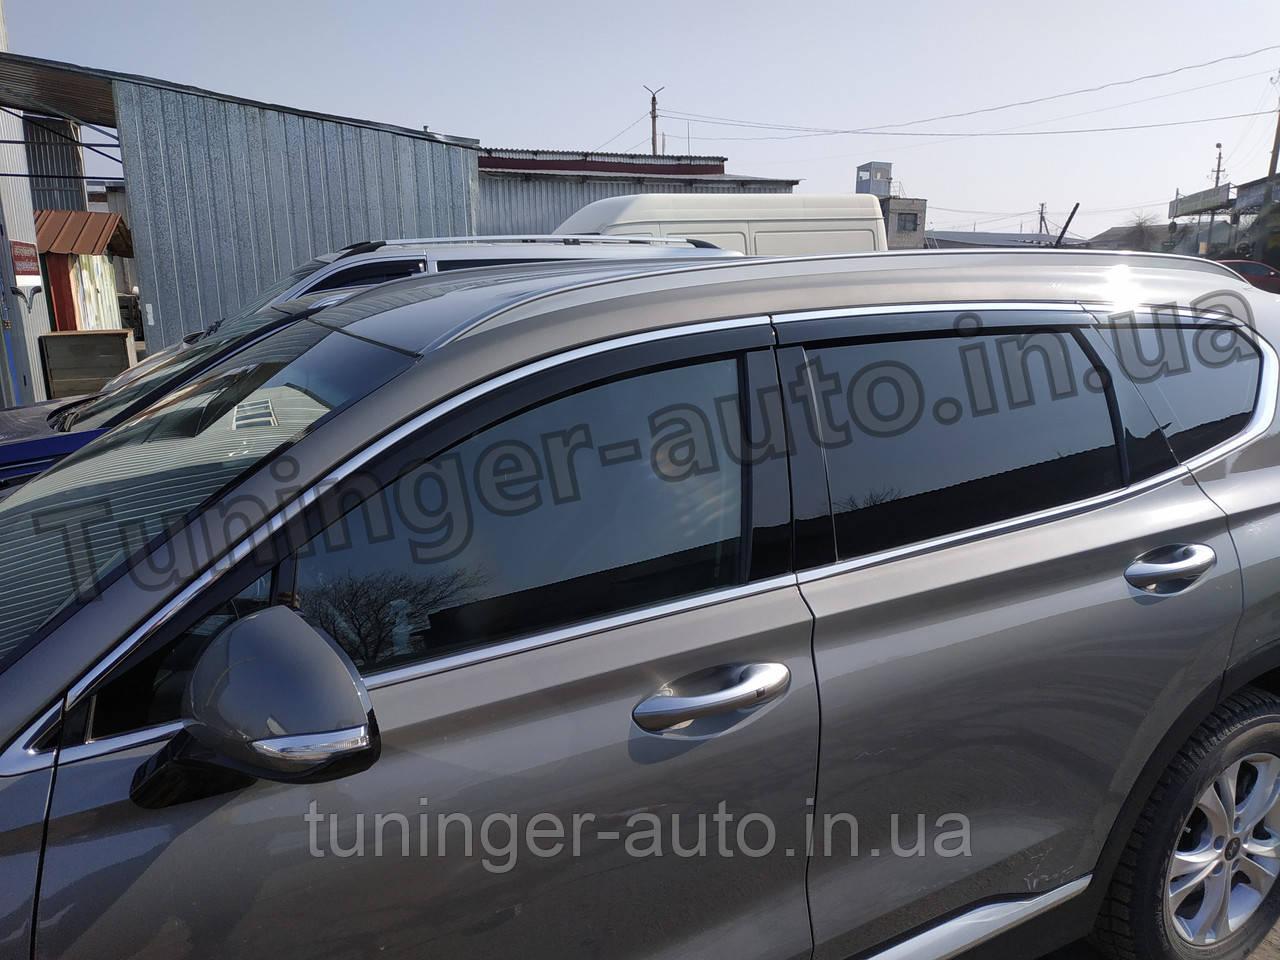 Дефлектори вікон, вітровики з хром молдингом Hyundai Santa Fe 2018 - 6шт. (D983/AutoClover)